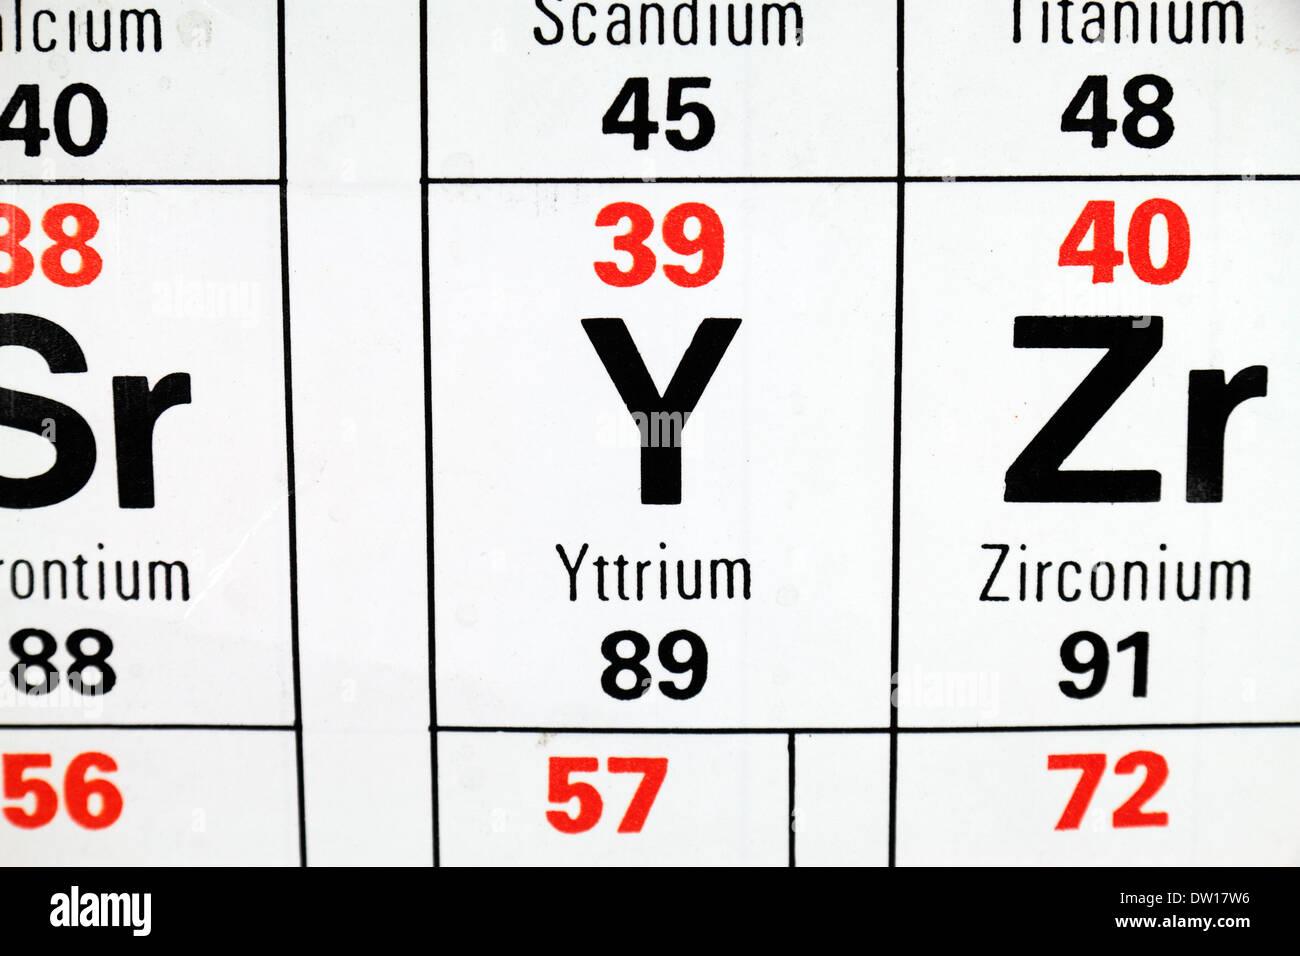 el itrio y un elemento de tierras raras como aparece en la tabla peridica - Tabla Periodica Tierras Raras